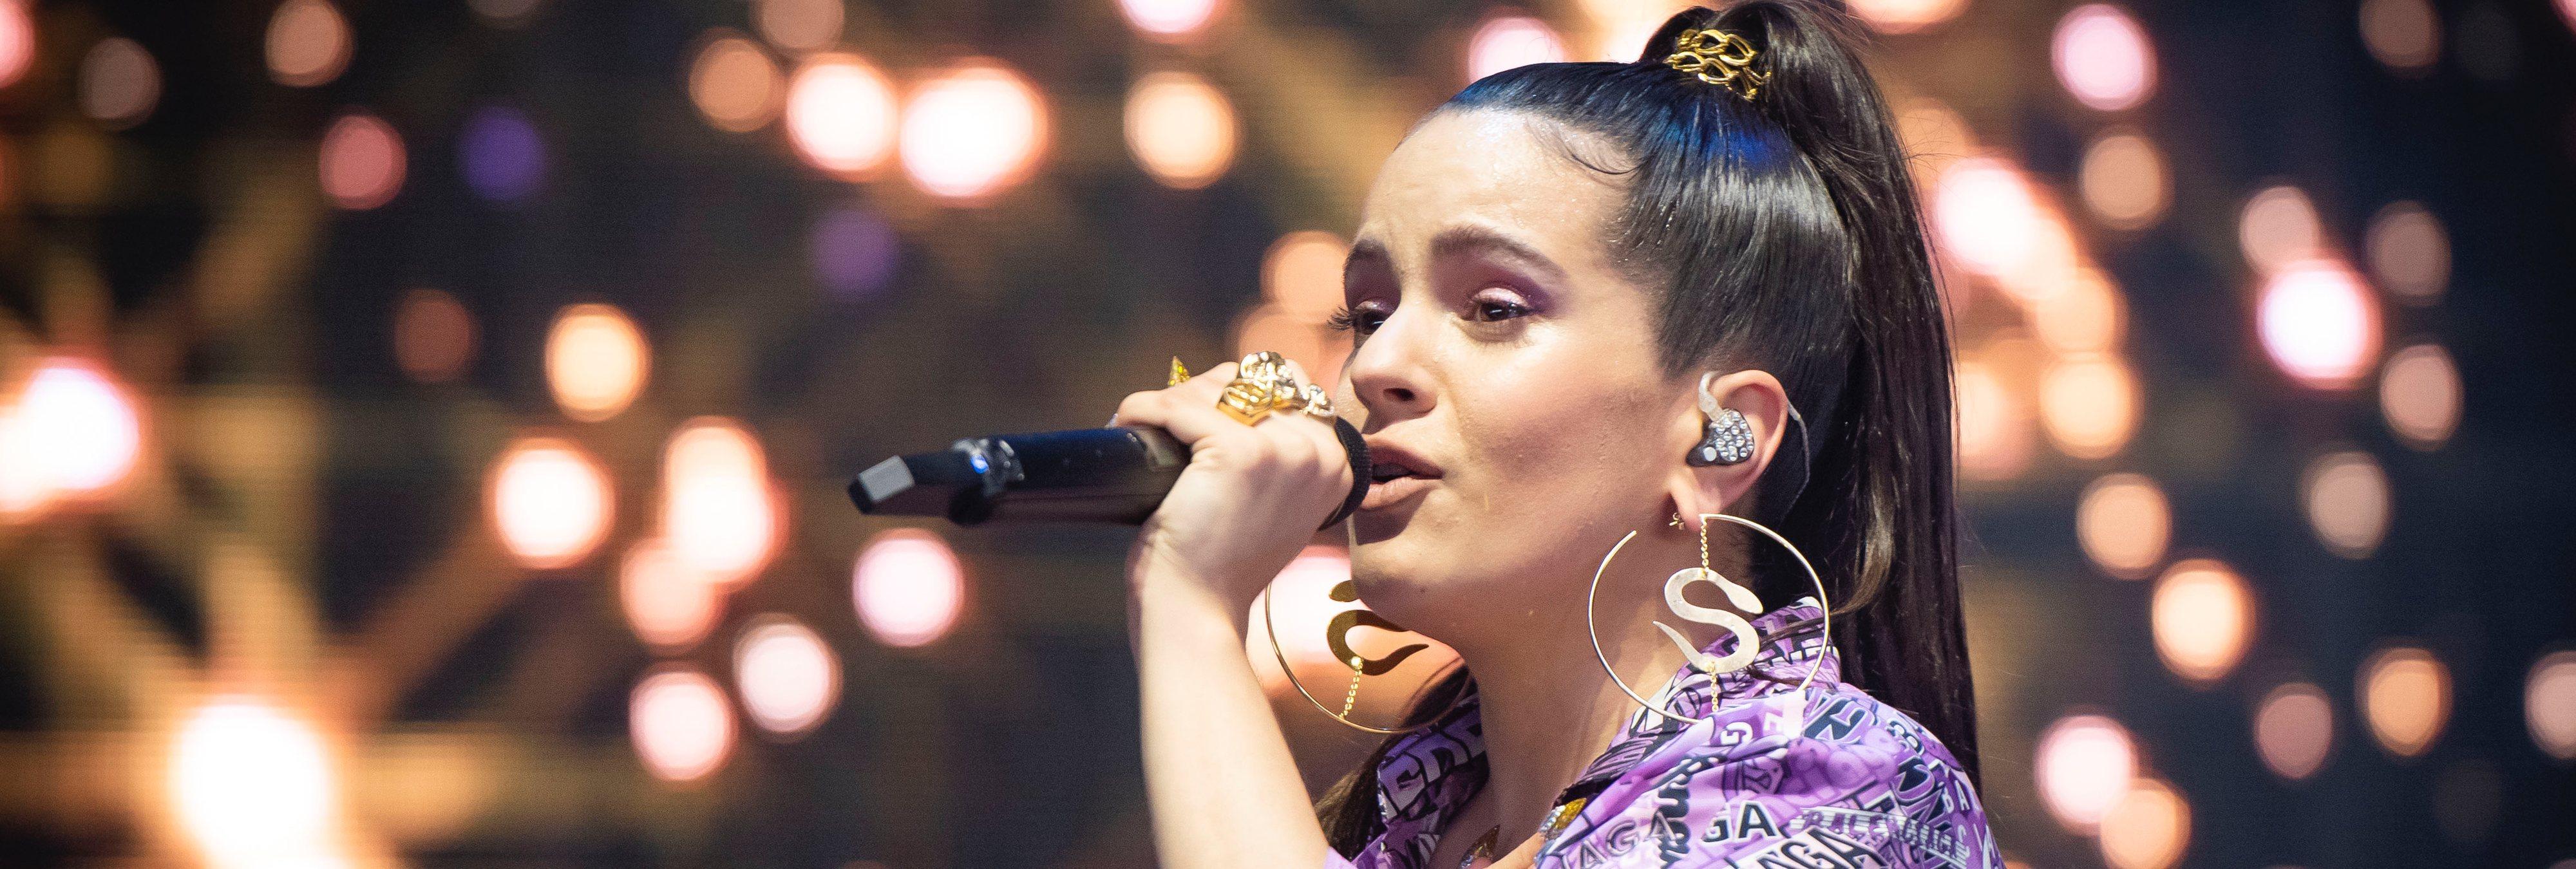 Rosalía se corona en Spotify como la artista española más escuchada